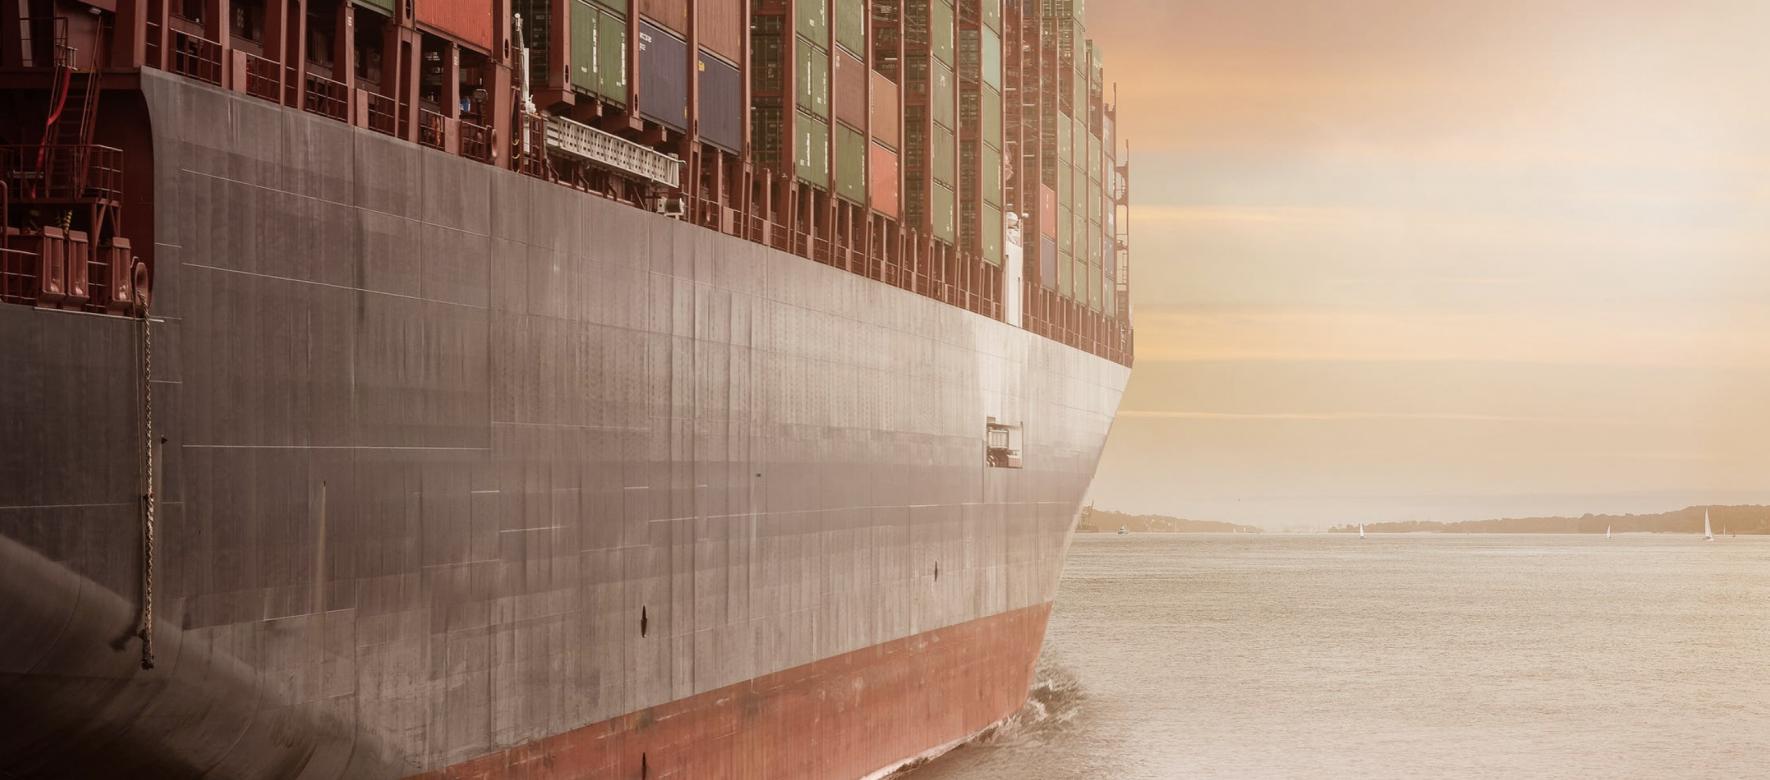 Tunisie : Quelle est la situation de ses échanges commerciaux avec les autres pays ?